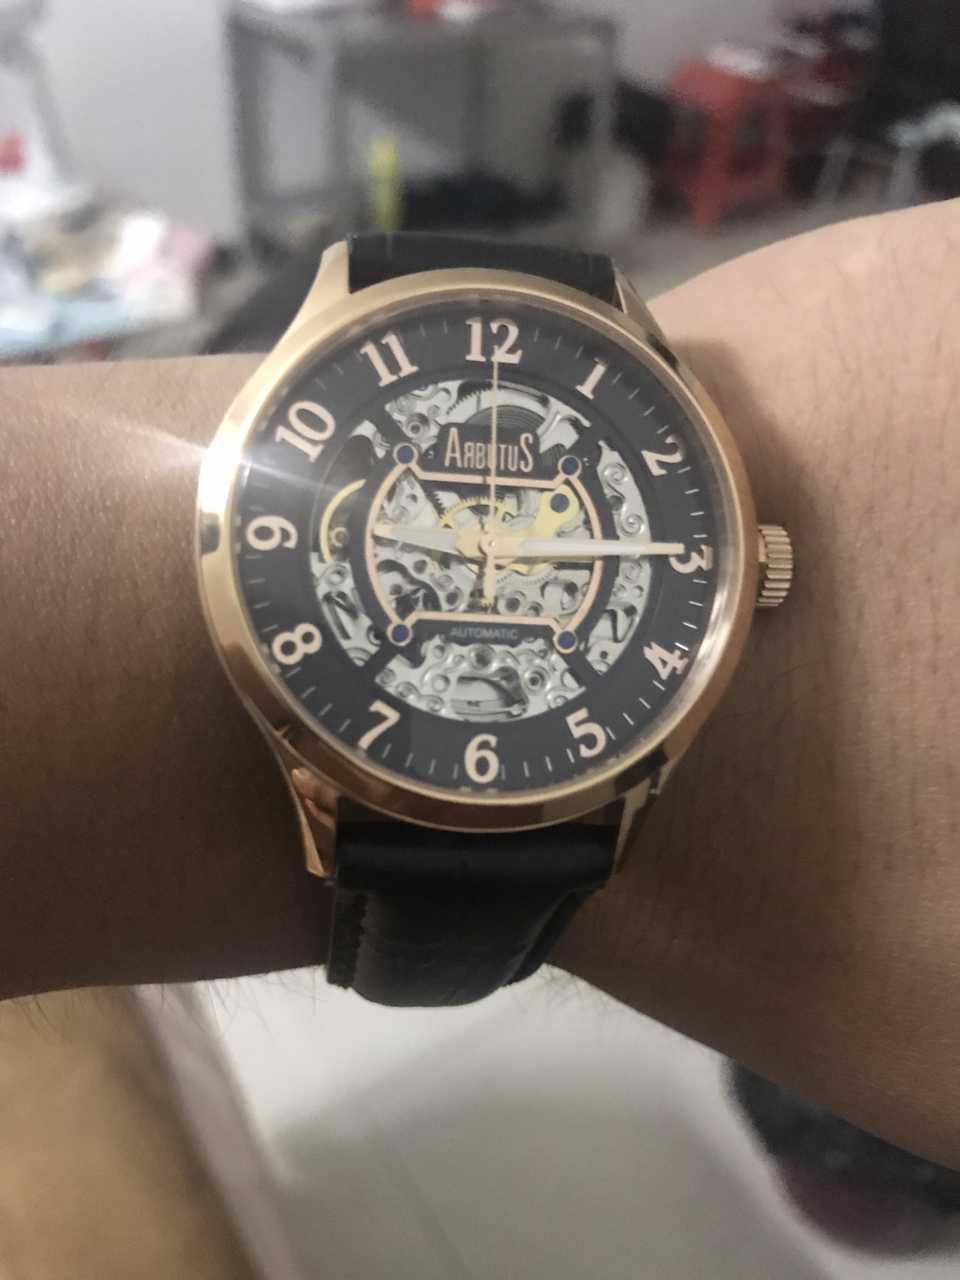 爱彼特AR406RBB手表【表友晒单作业】这个机械手...